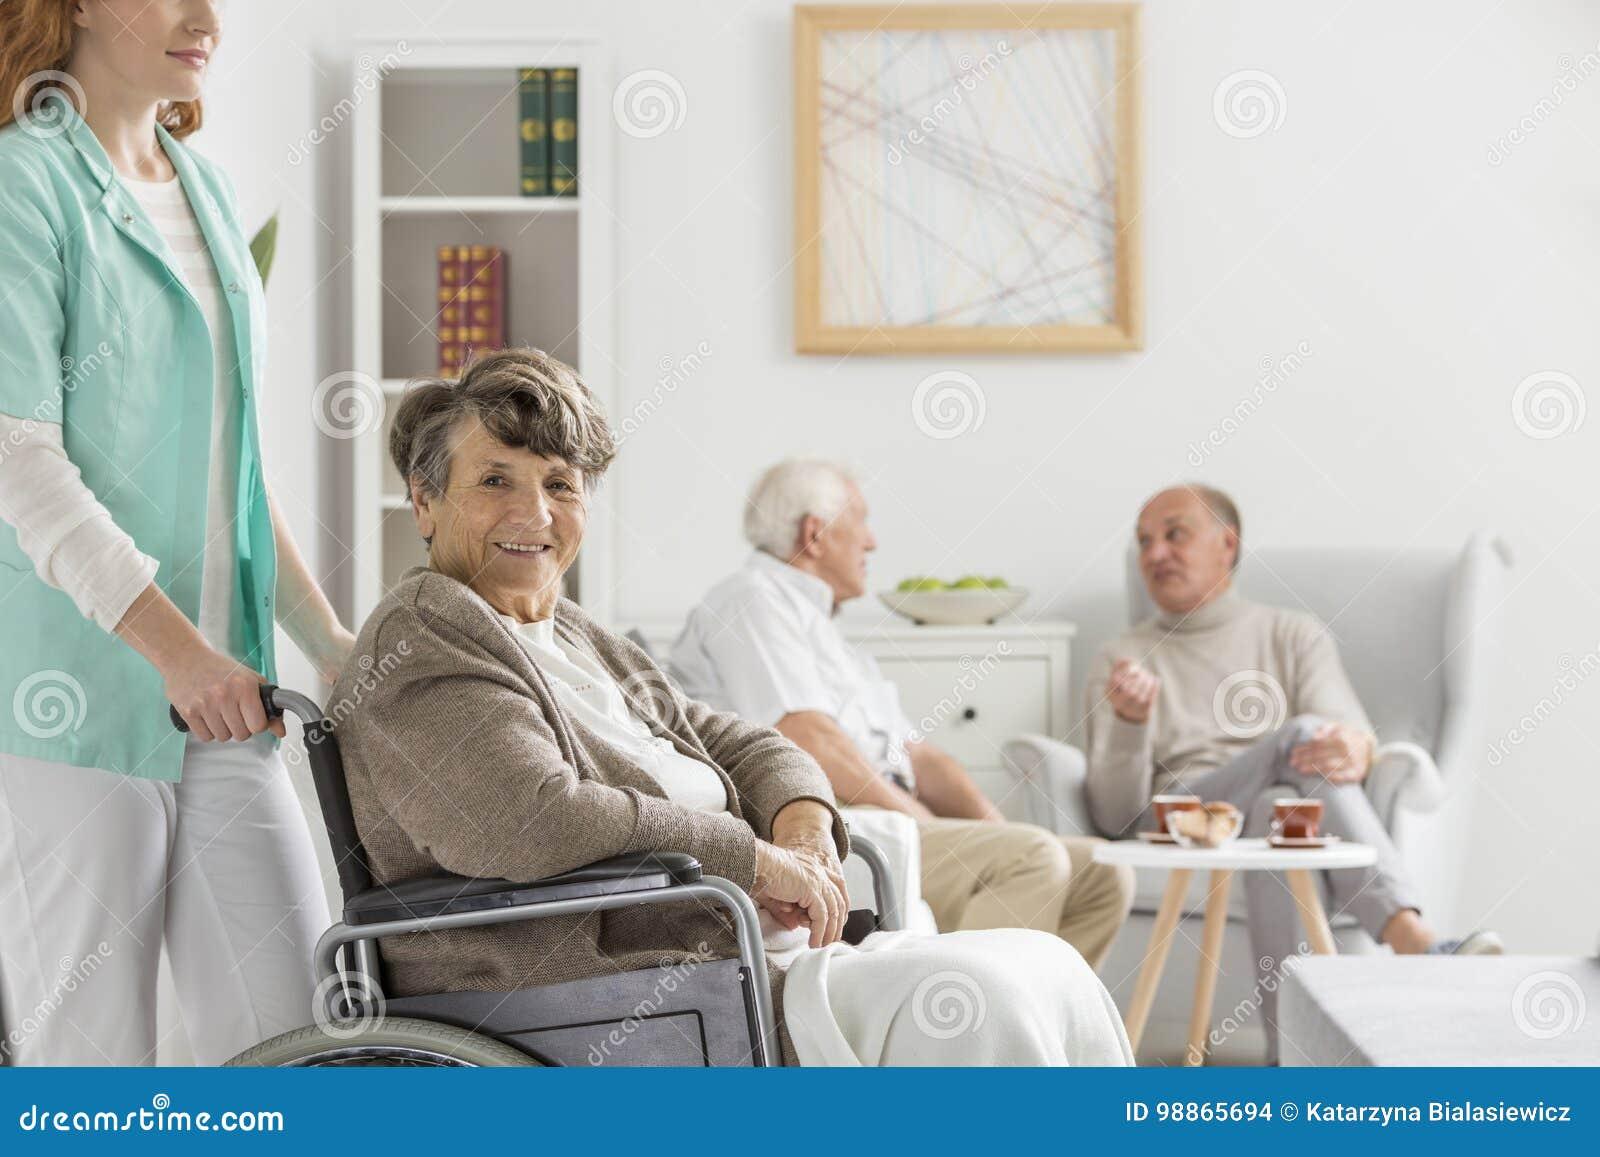 Pielęgniarka pomaga szczęśliwego seniora